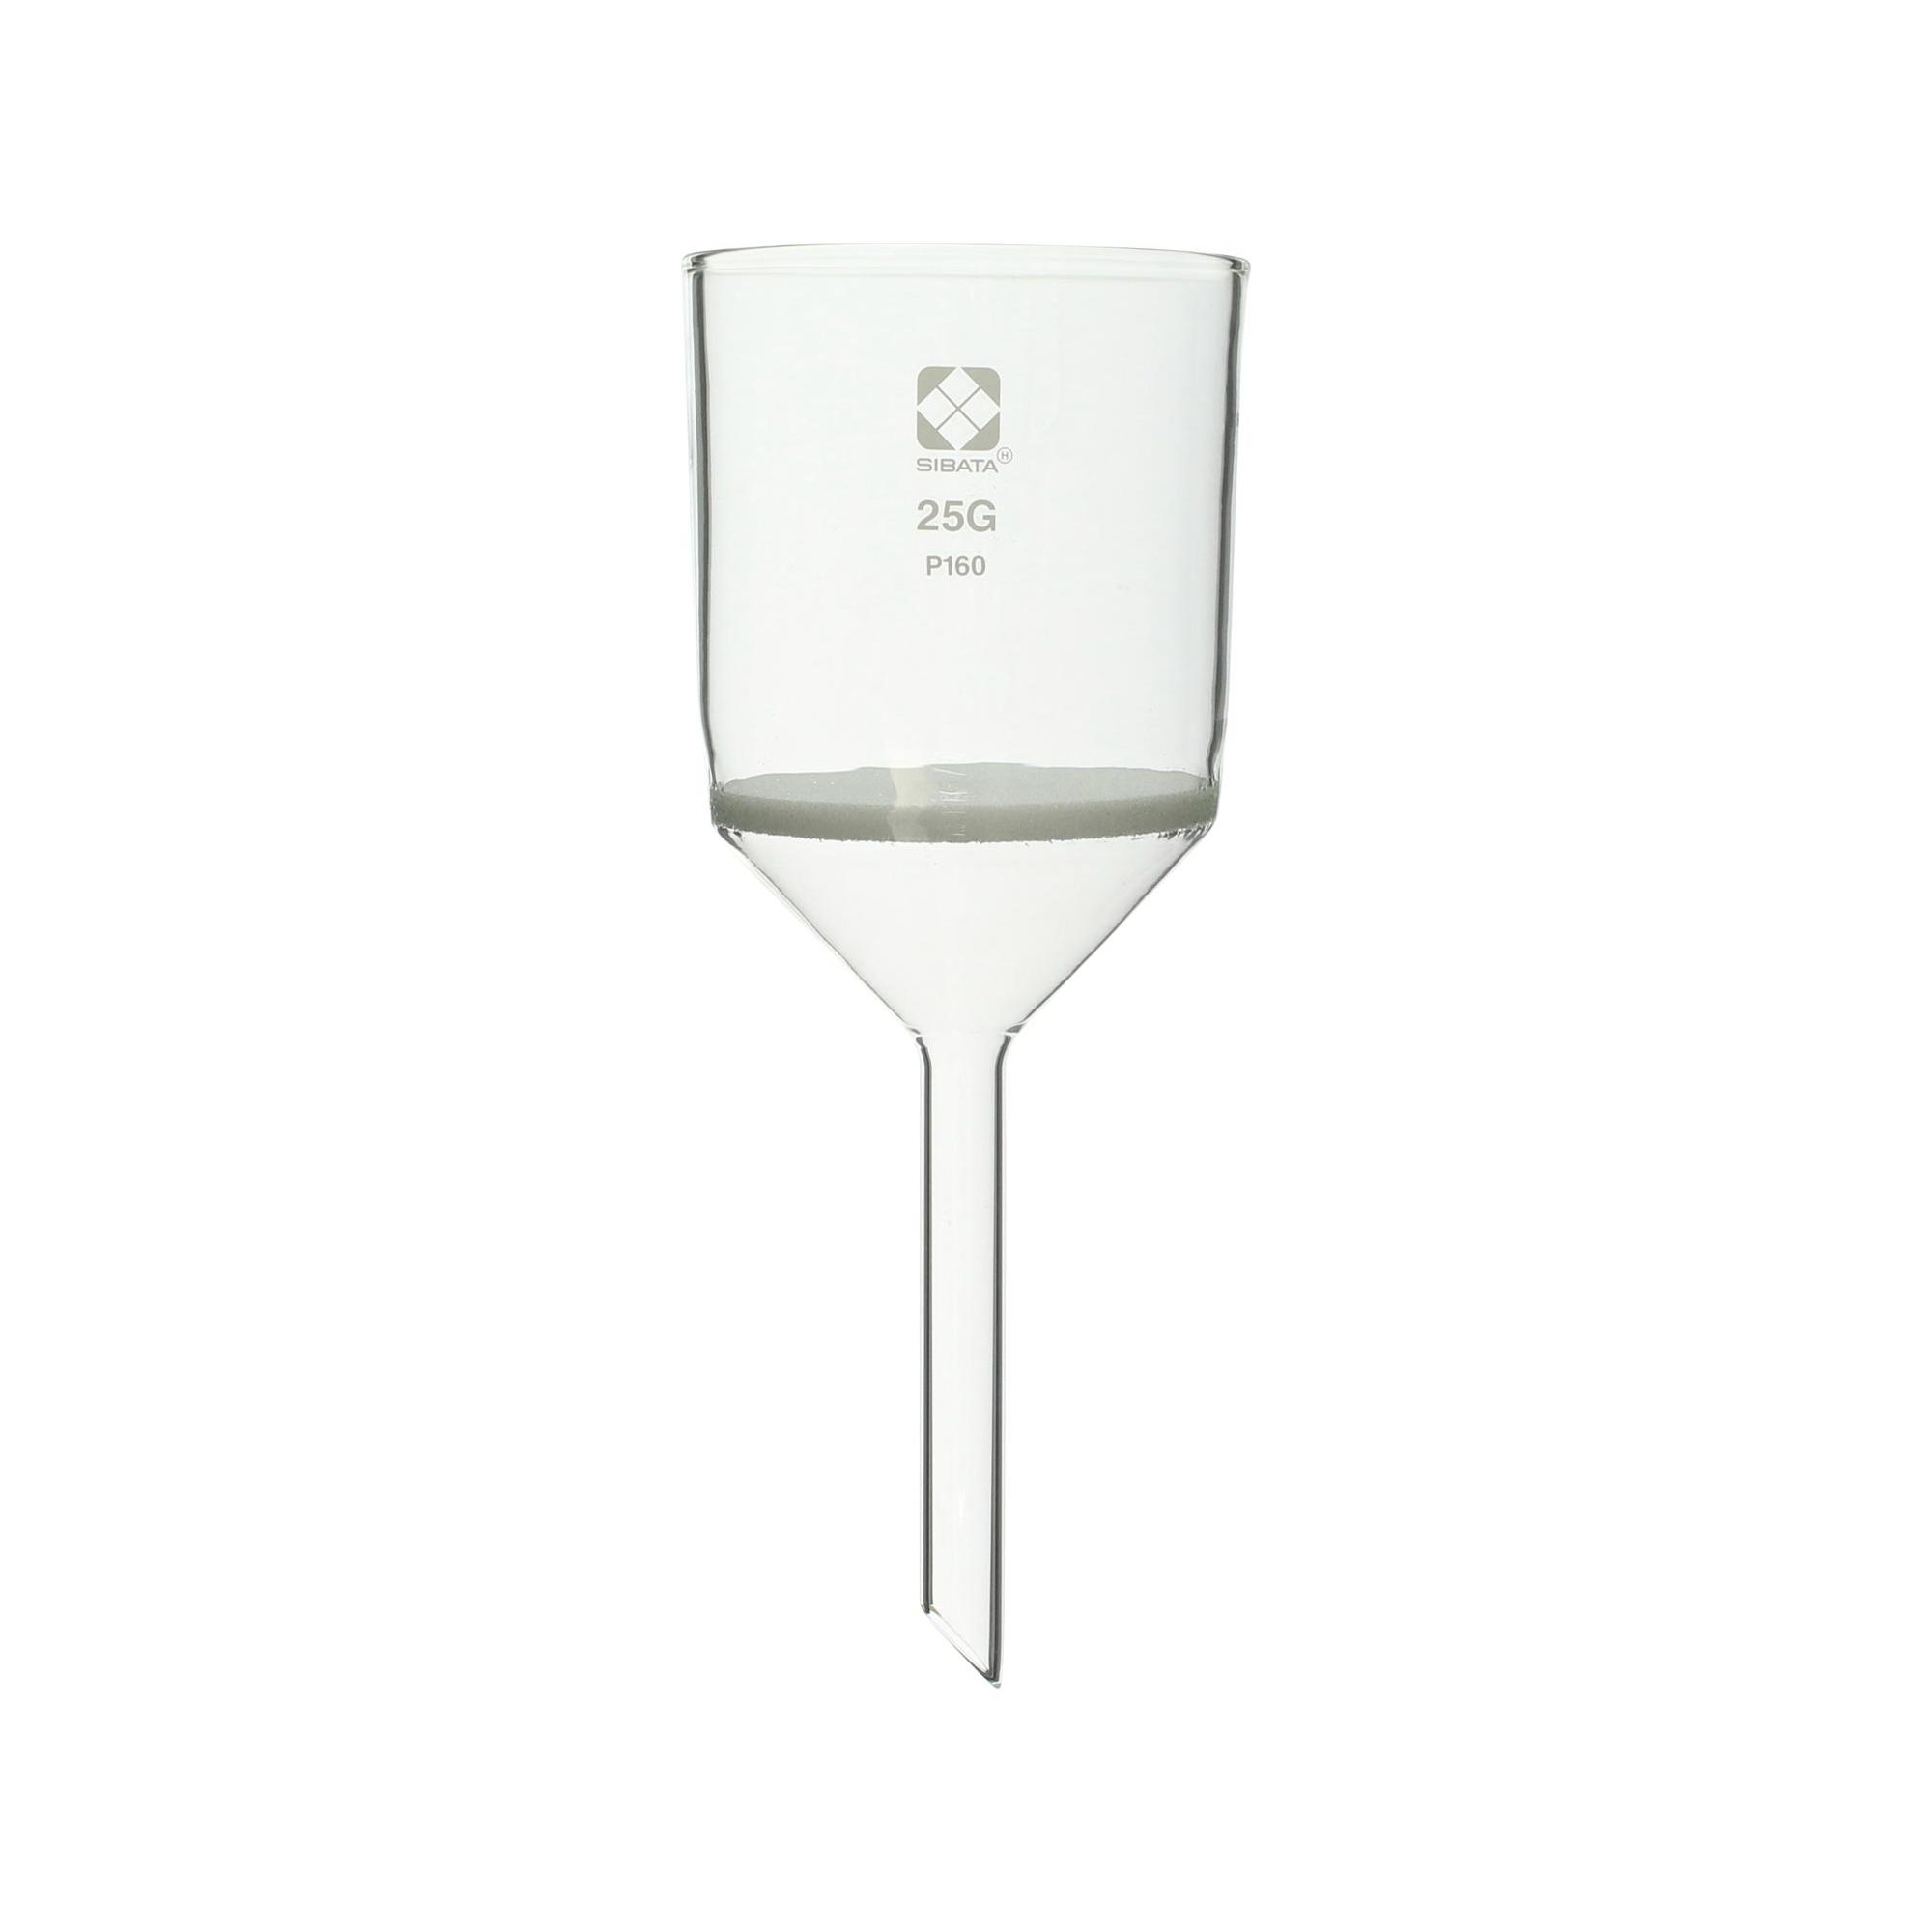 ガラスろ過器 25G ブフナロート形 25GP160